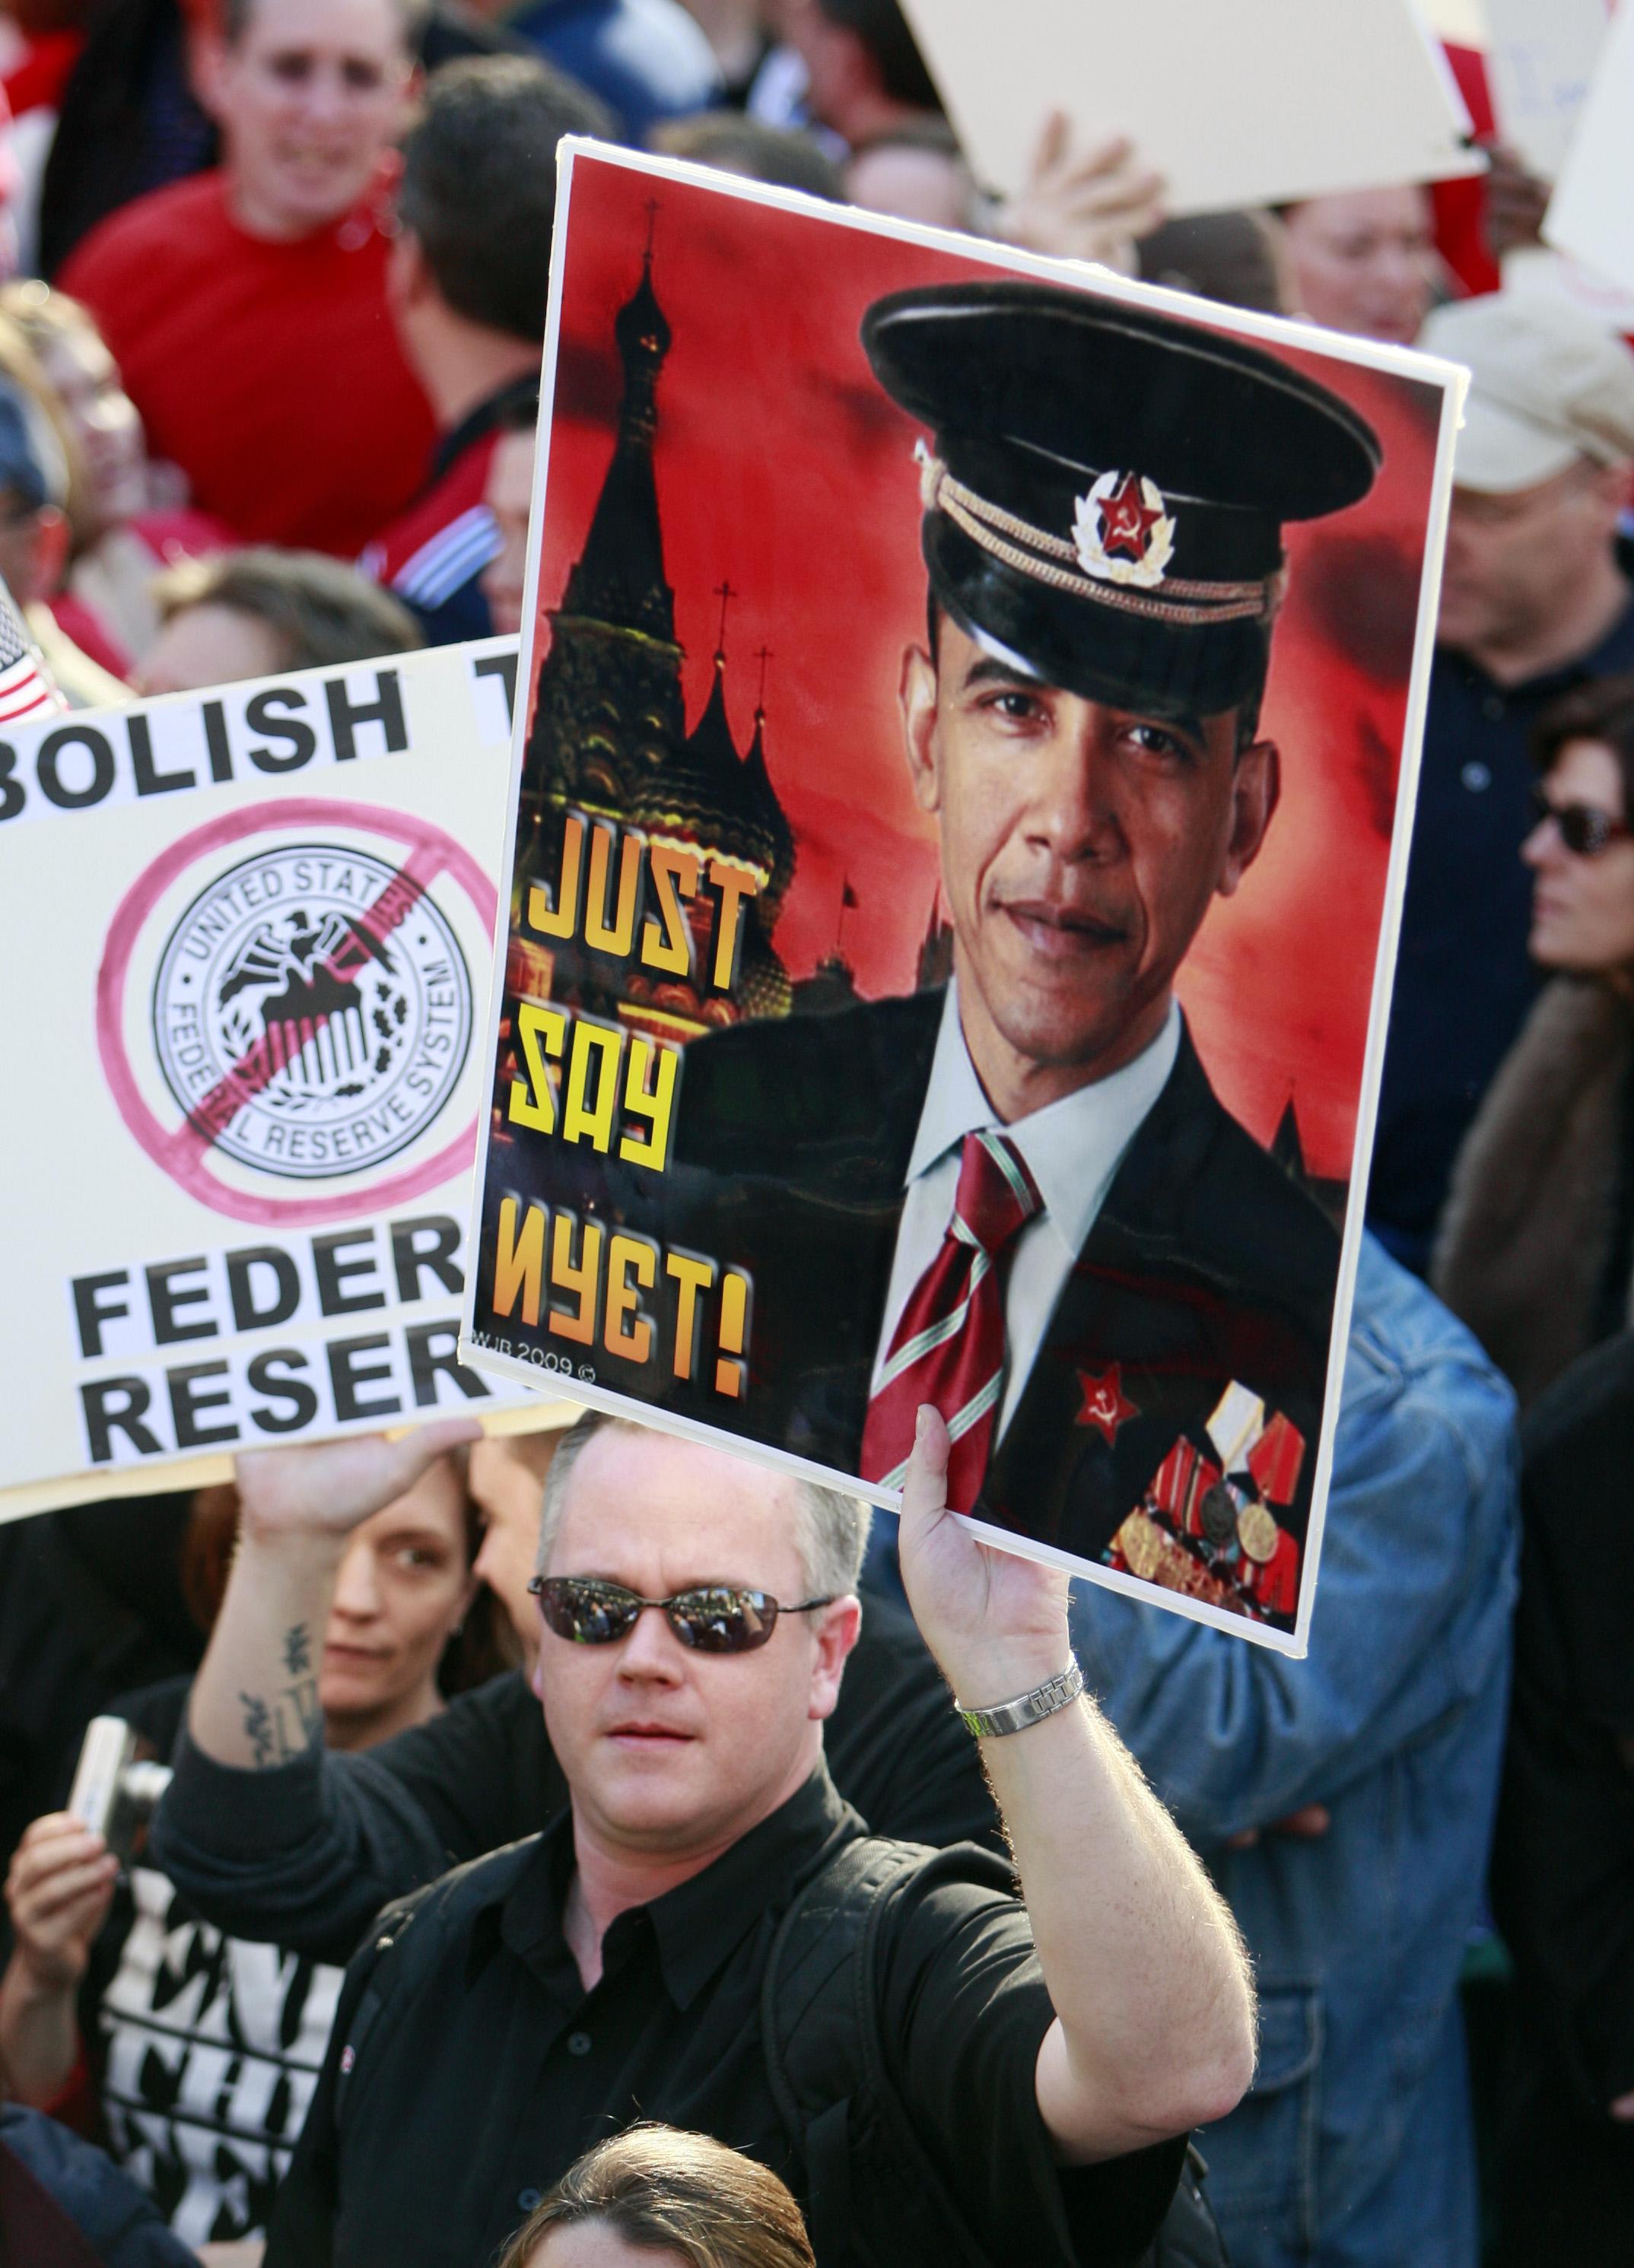 Protests against Barack Obama